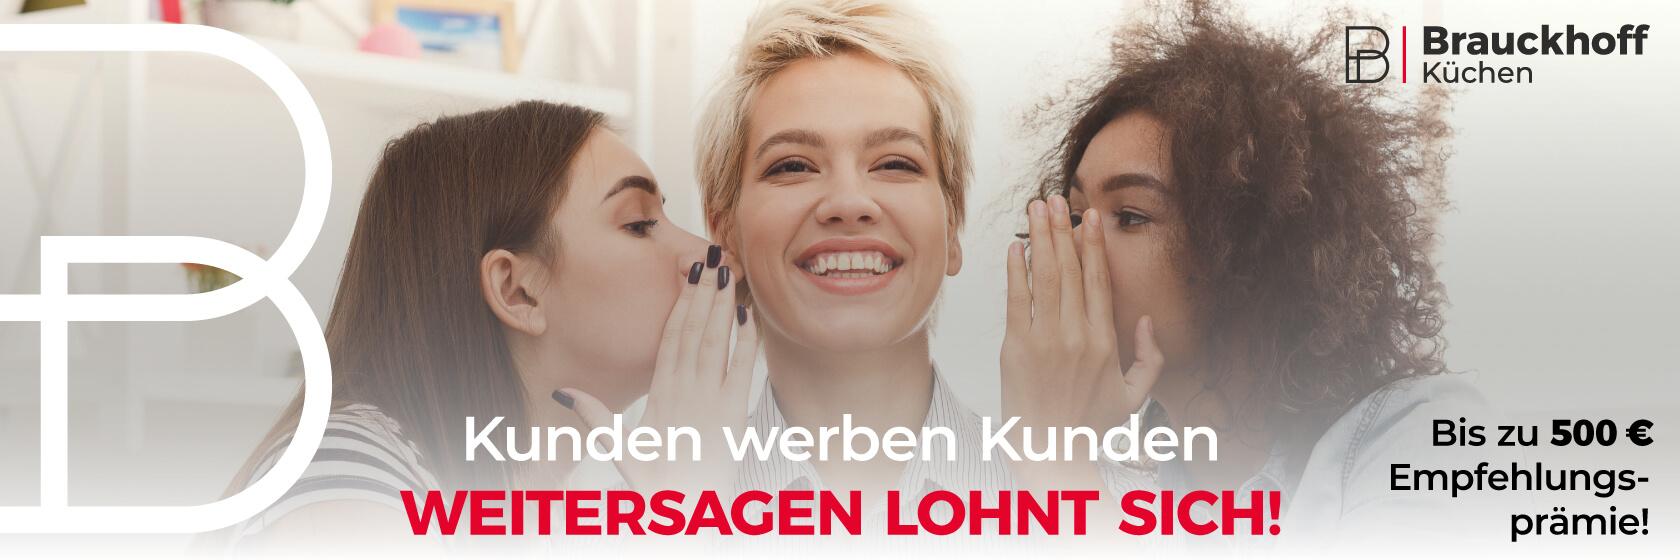 Brauckhoff Küchen - Kunden werben Kunden!